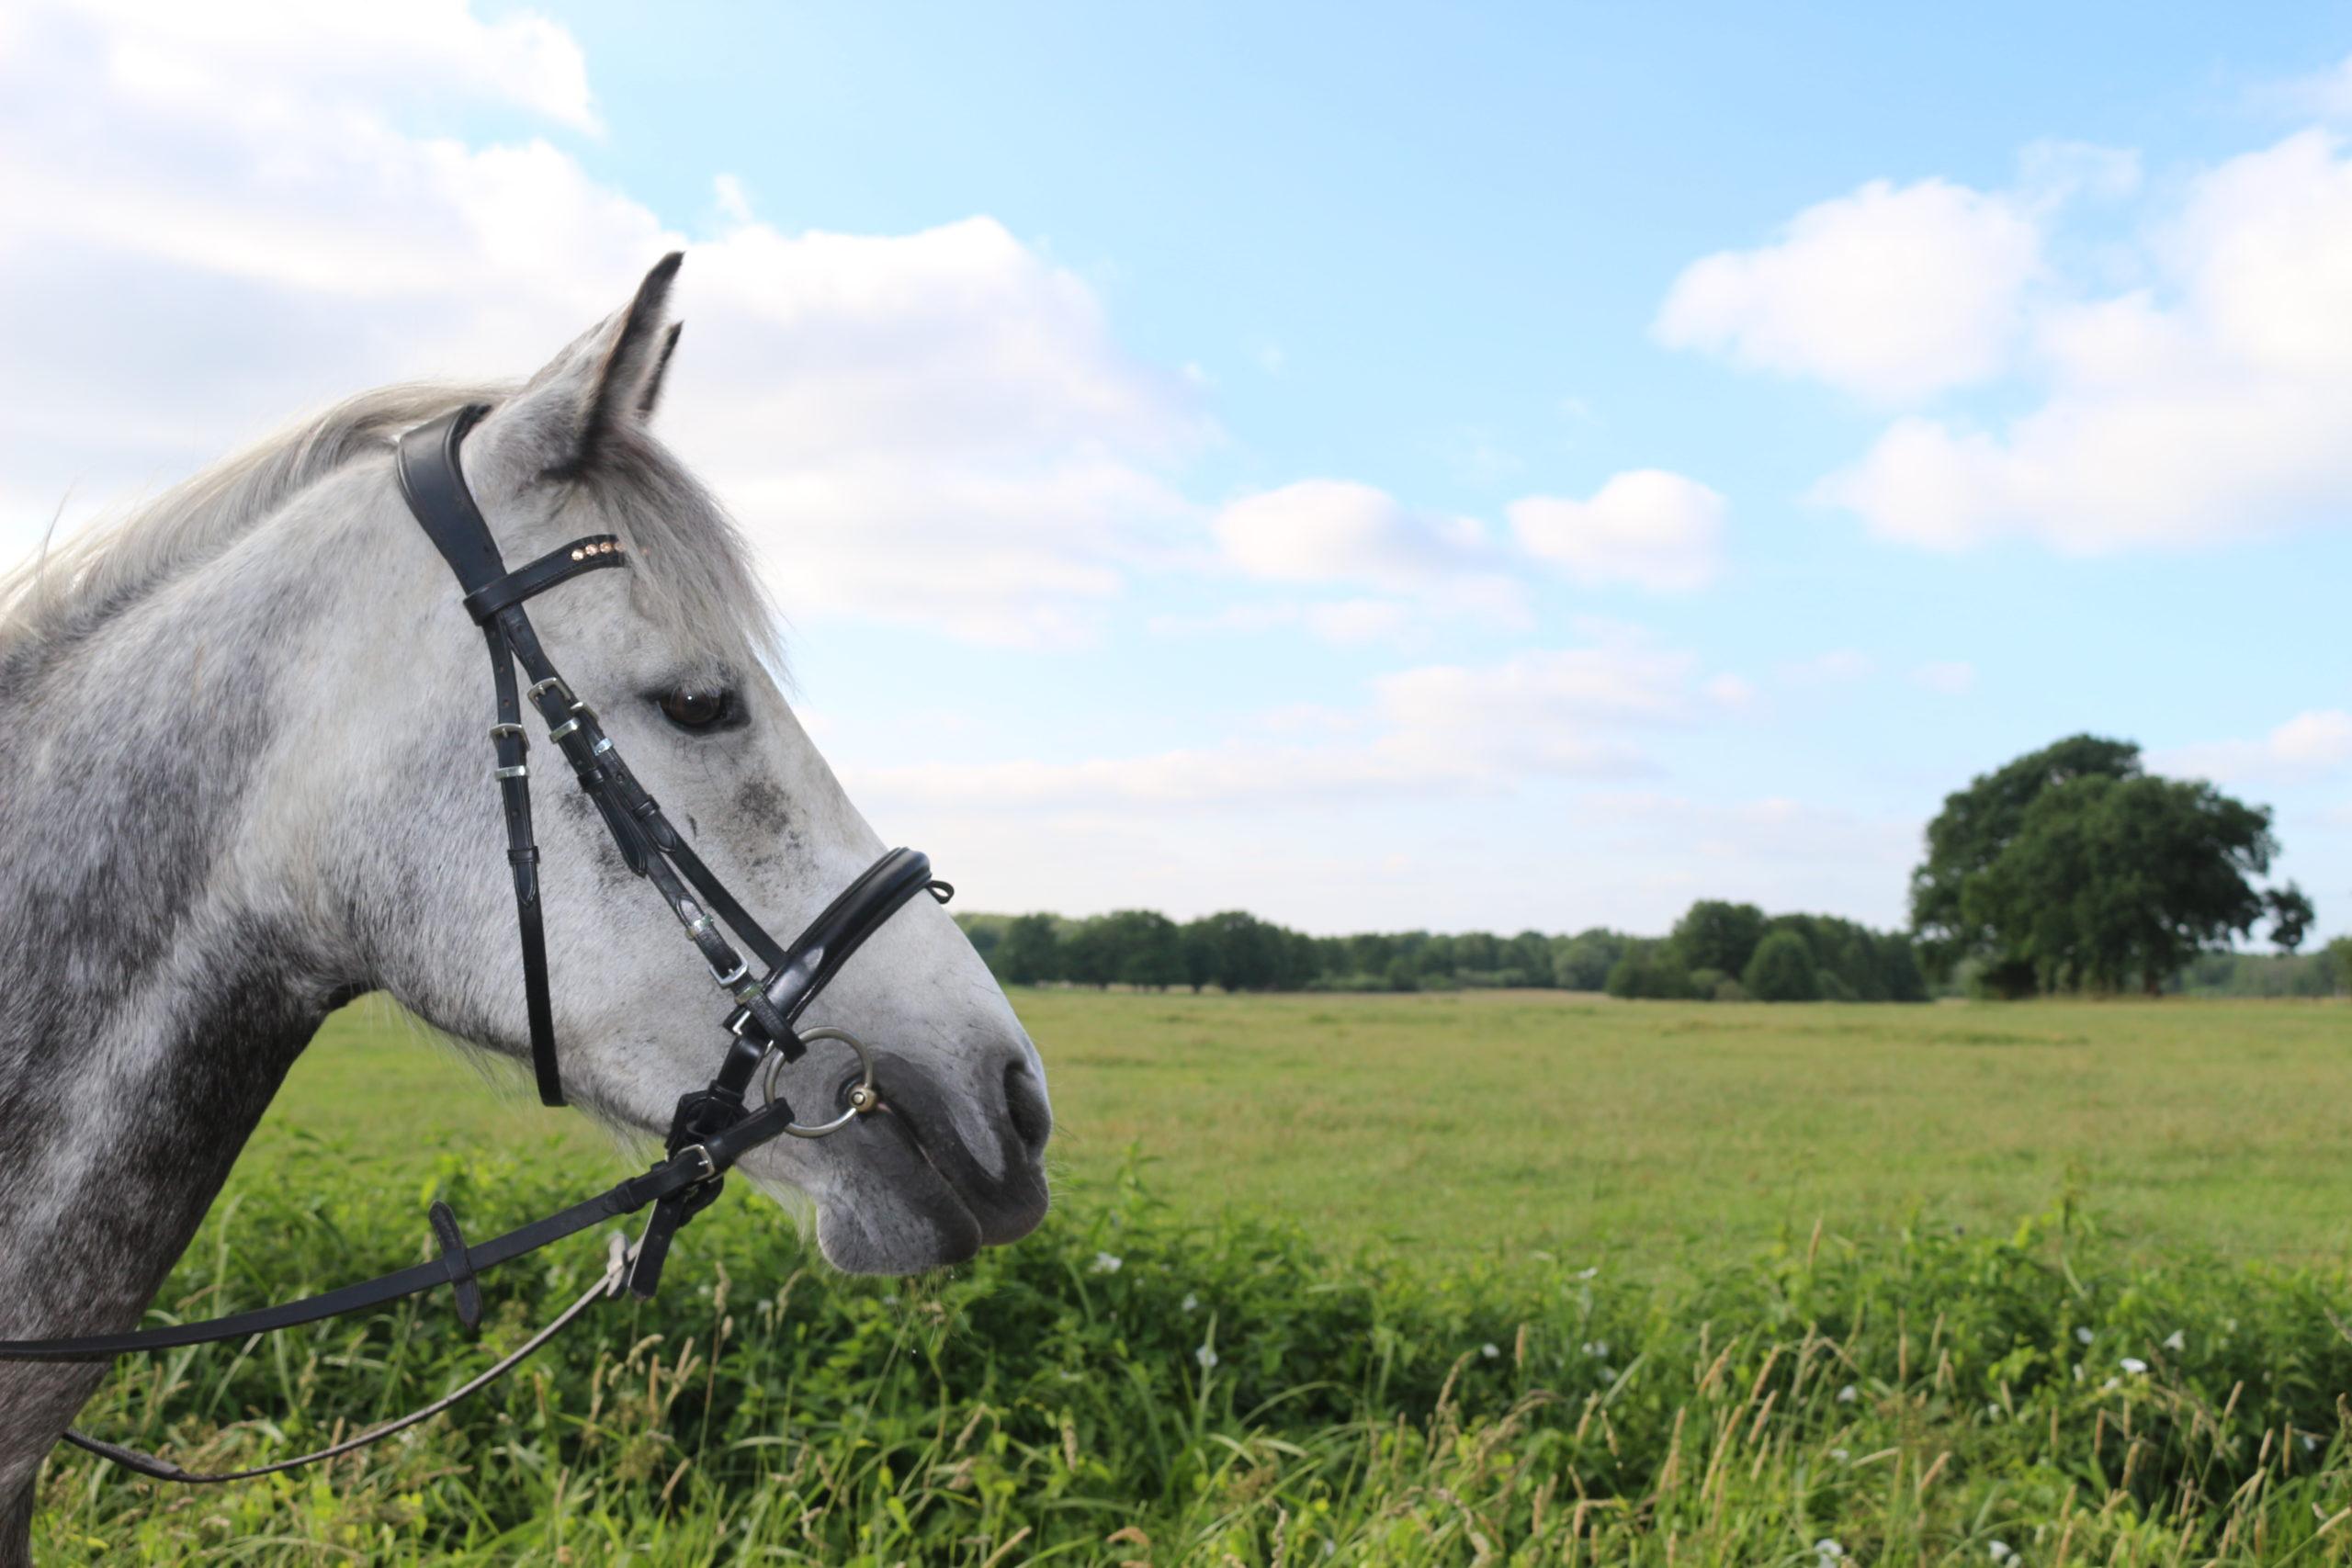 Pferd im Gelände vom Fressen abhalten